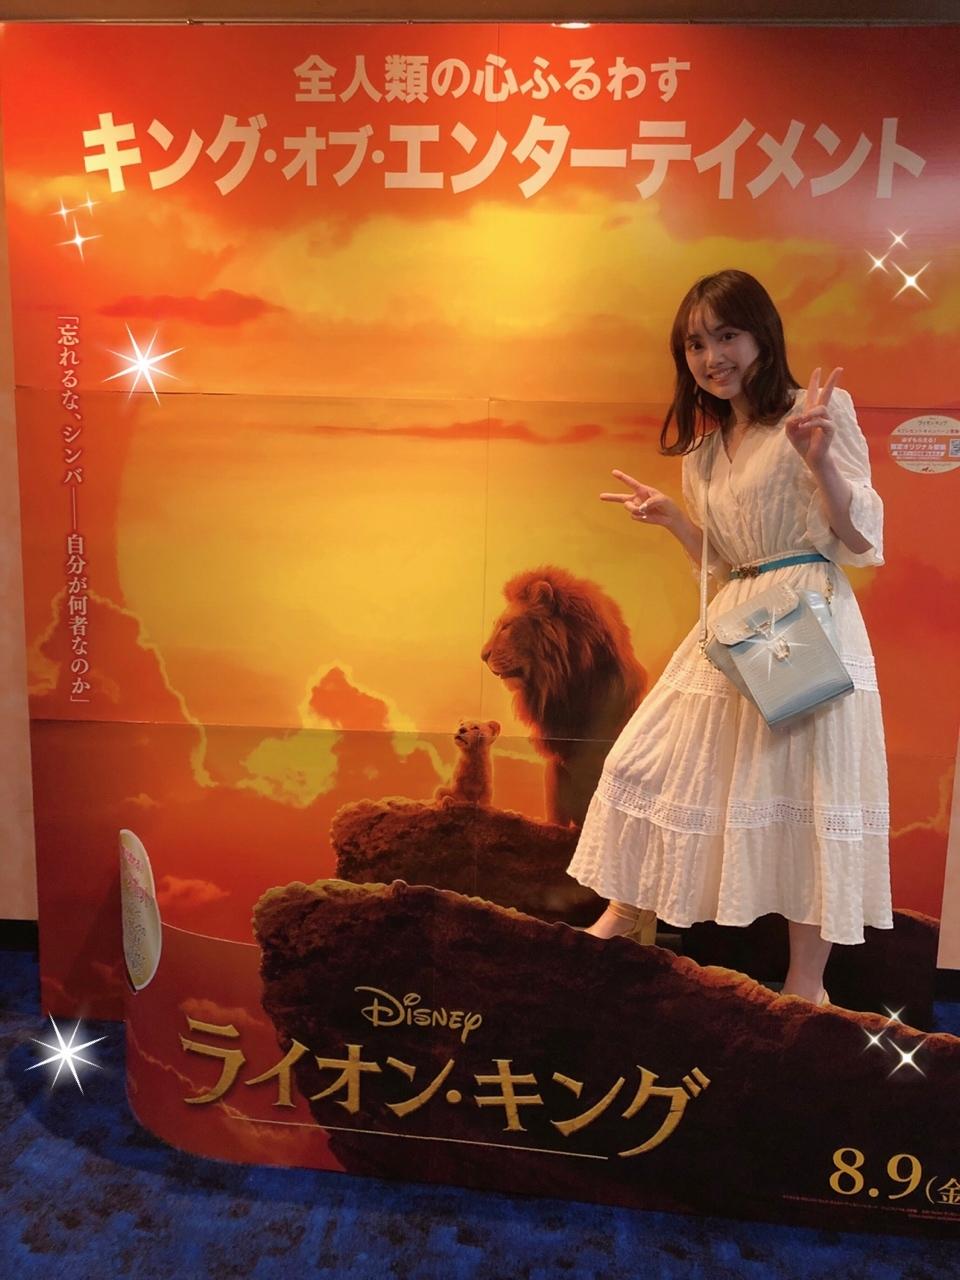 【ネタバレなし】ライオンキングは本当にすごかった!_1_1